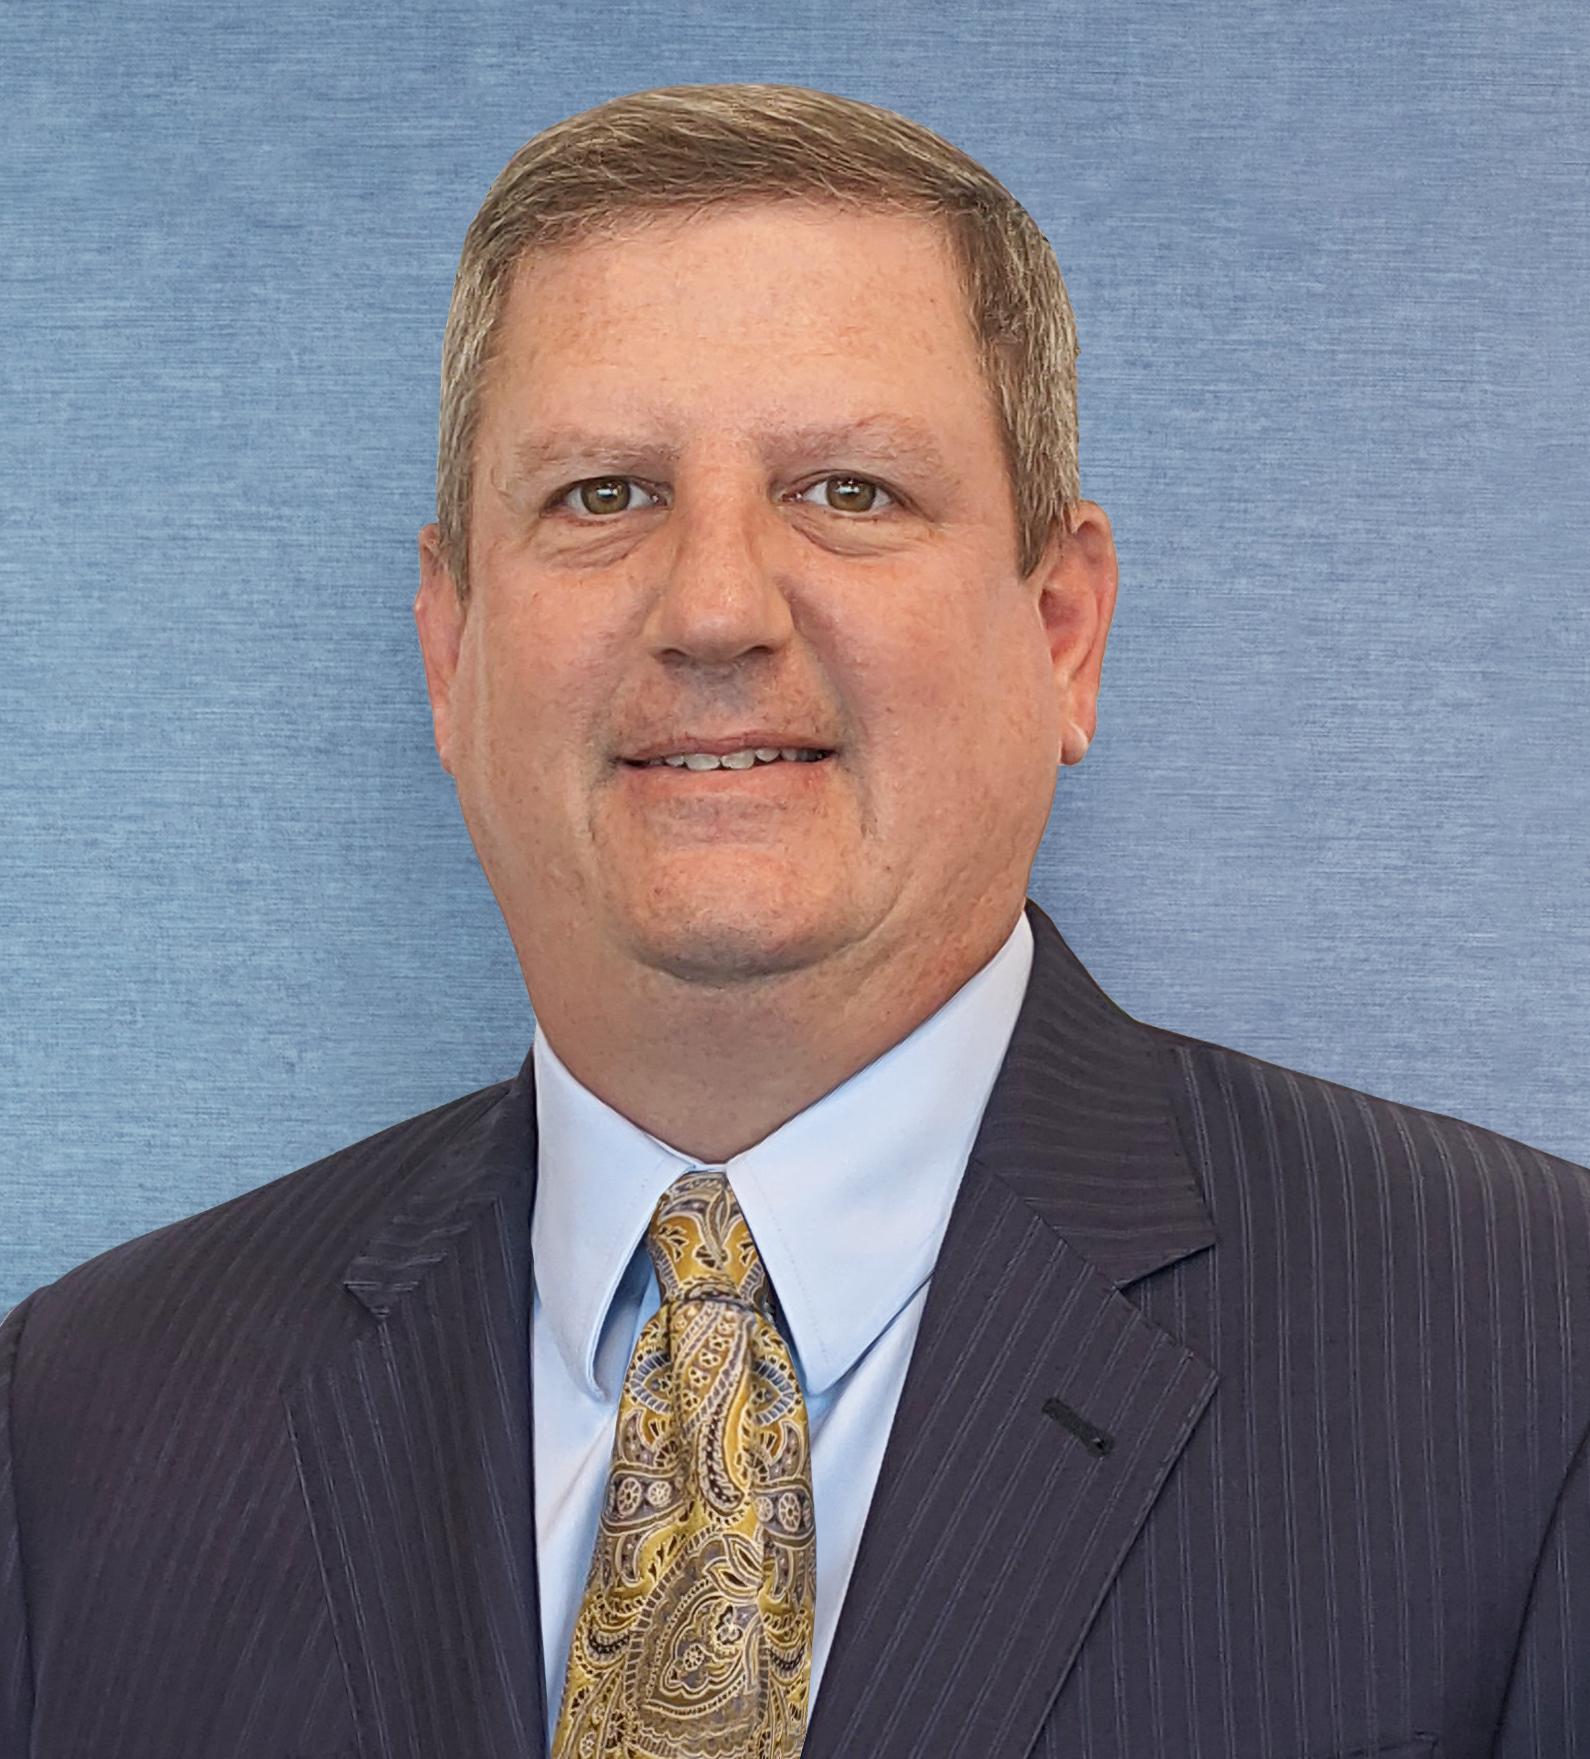 David LaRosa